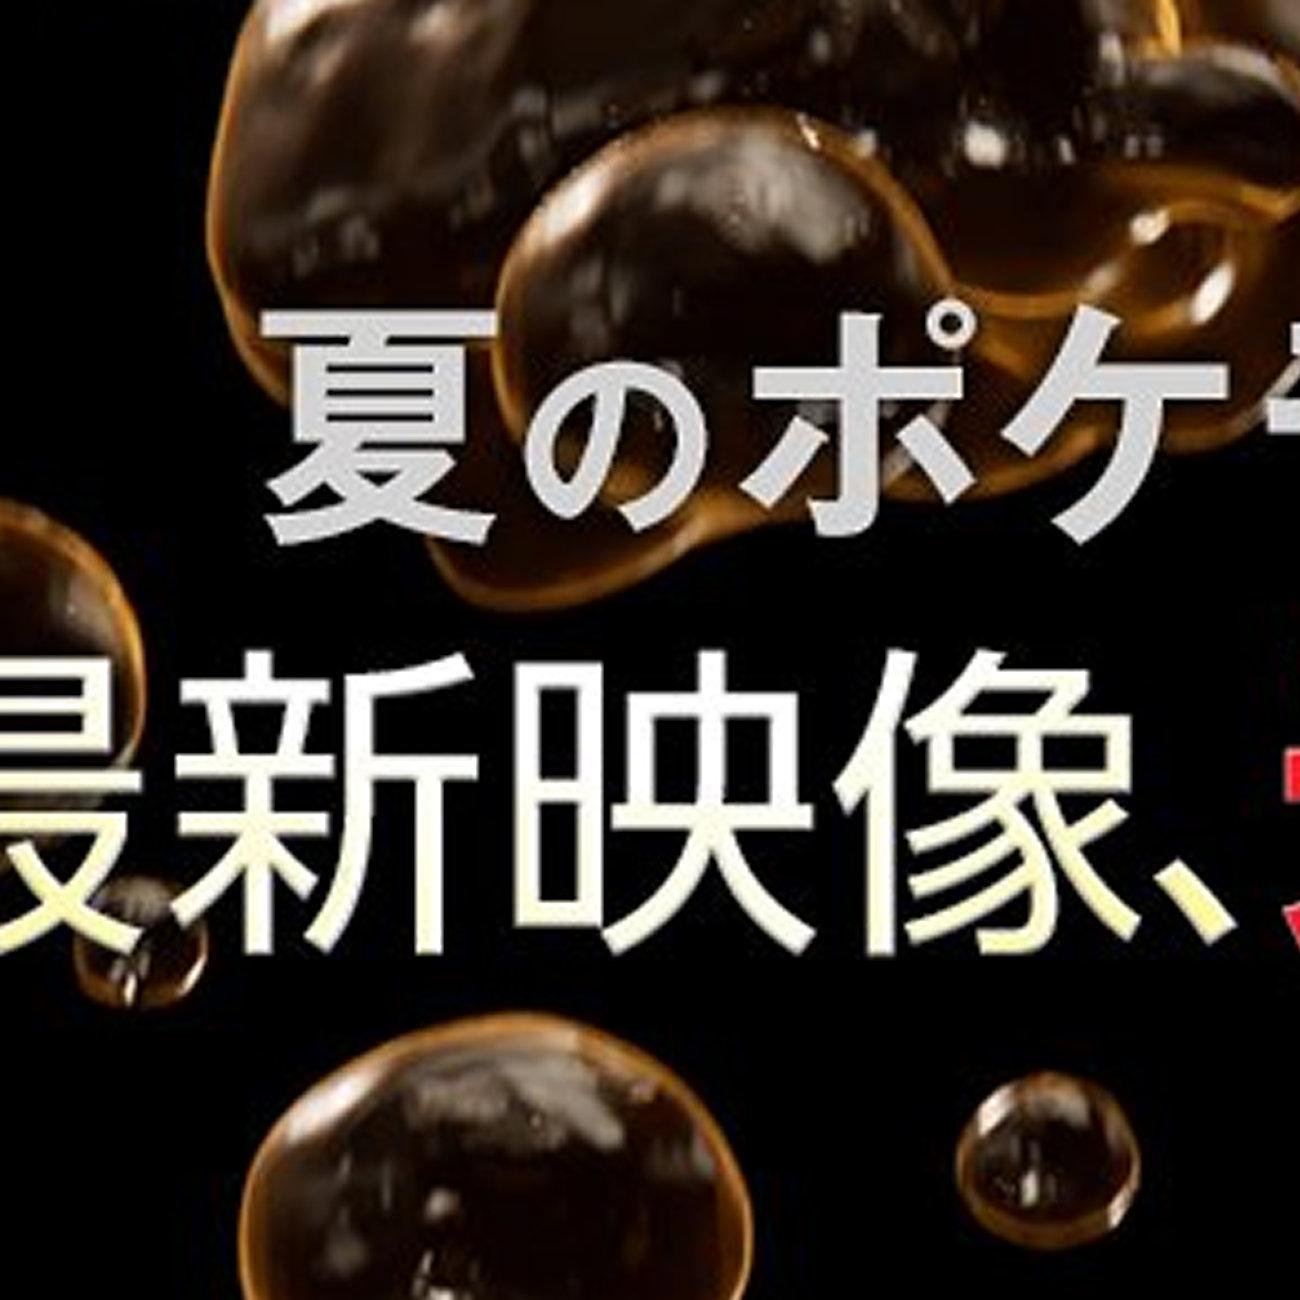 ポケモン映画2019最新映像、TBSテレビ元日0時から